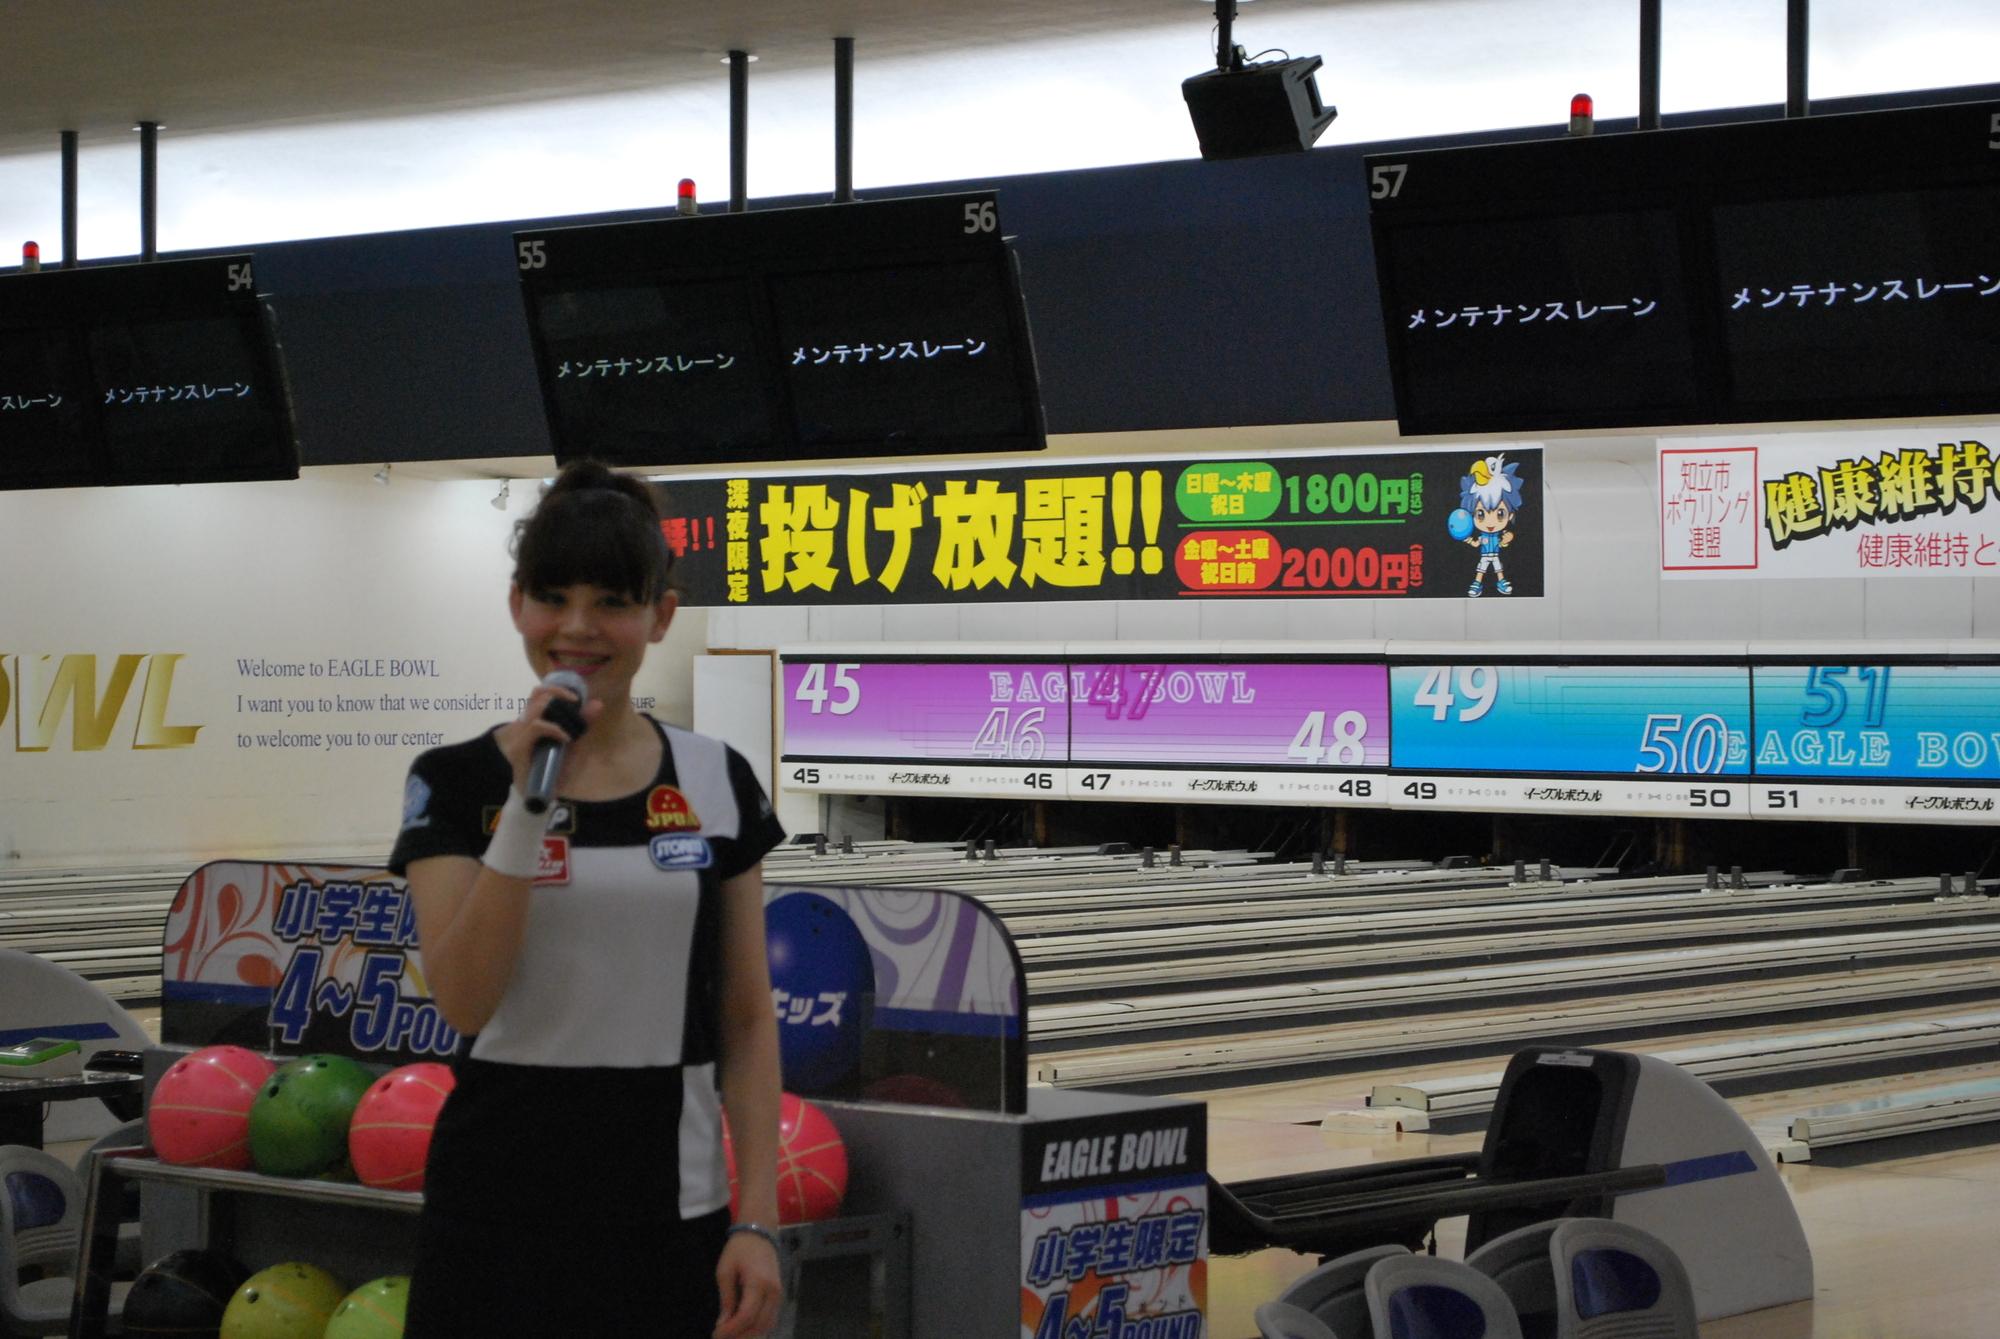 8/5 谷川章子プロ&西村美紀プロチャレンジ